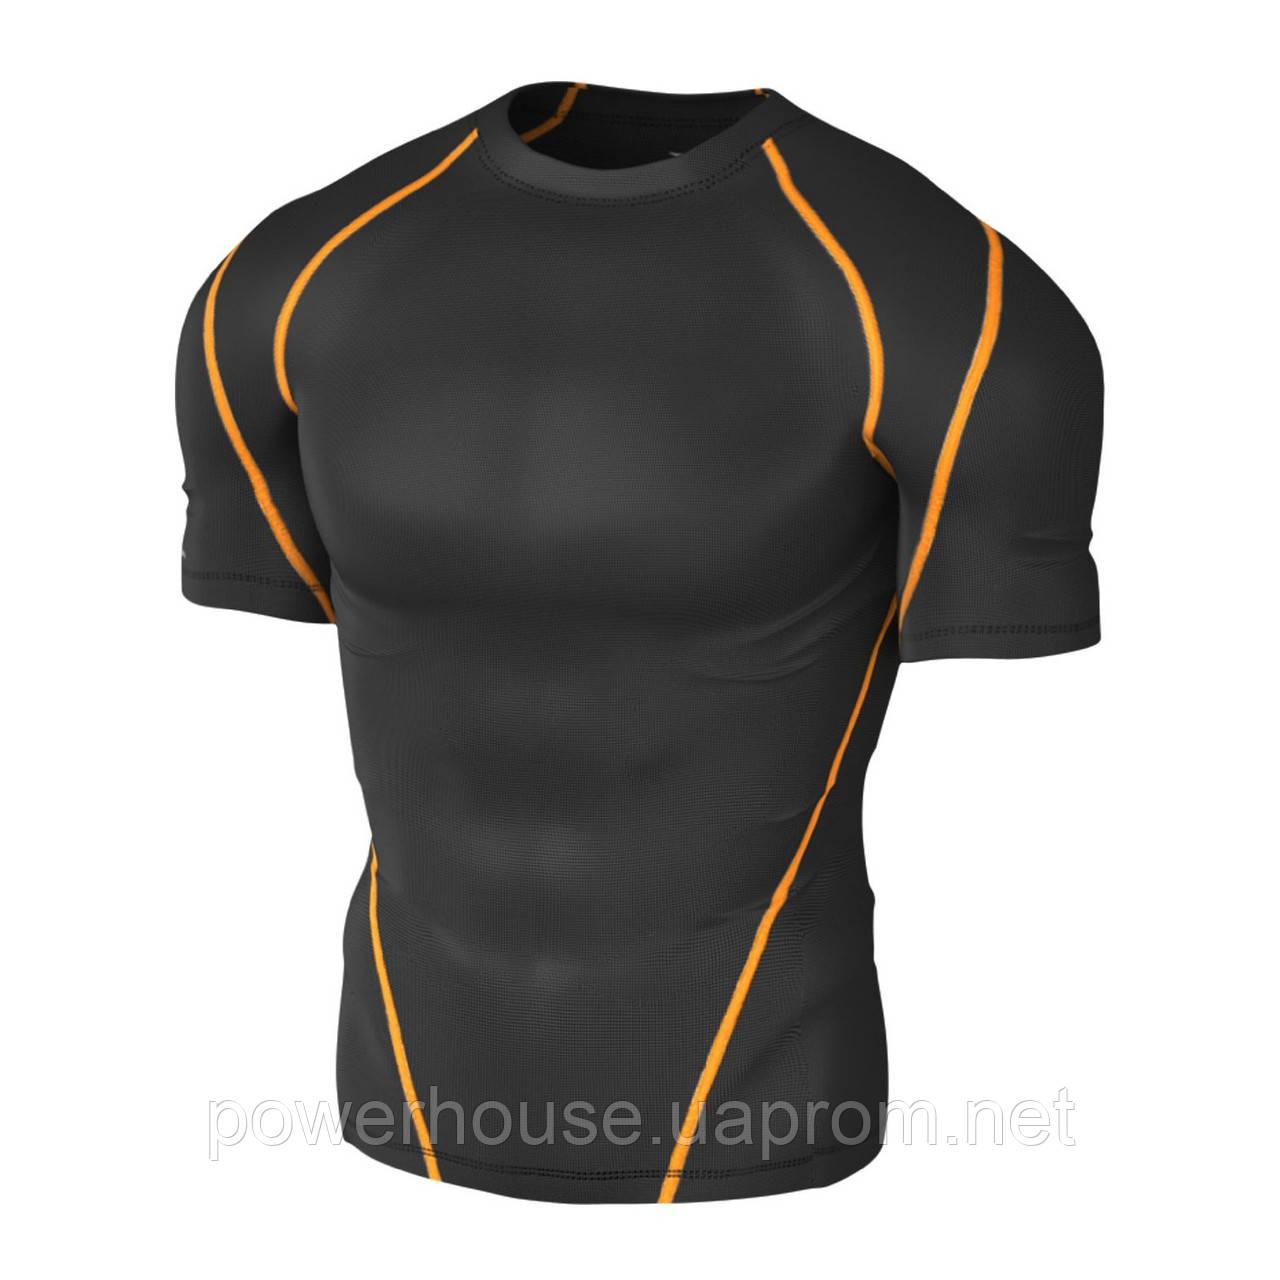 Спортивная одежда для фитнеса женская с доставкой